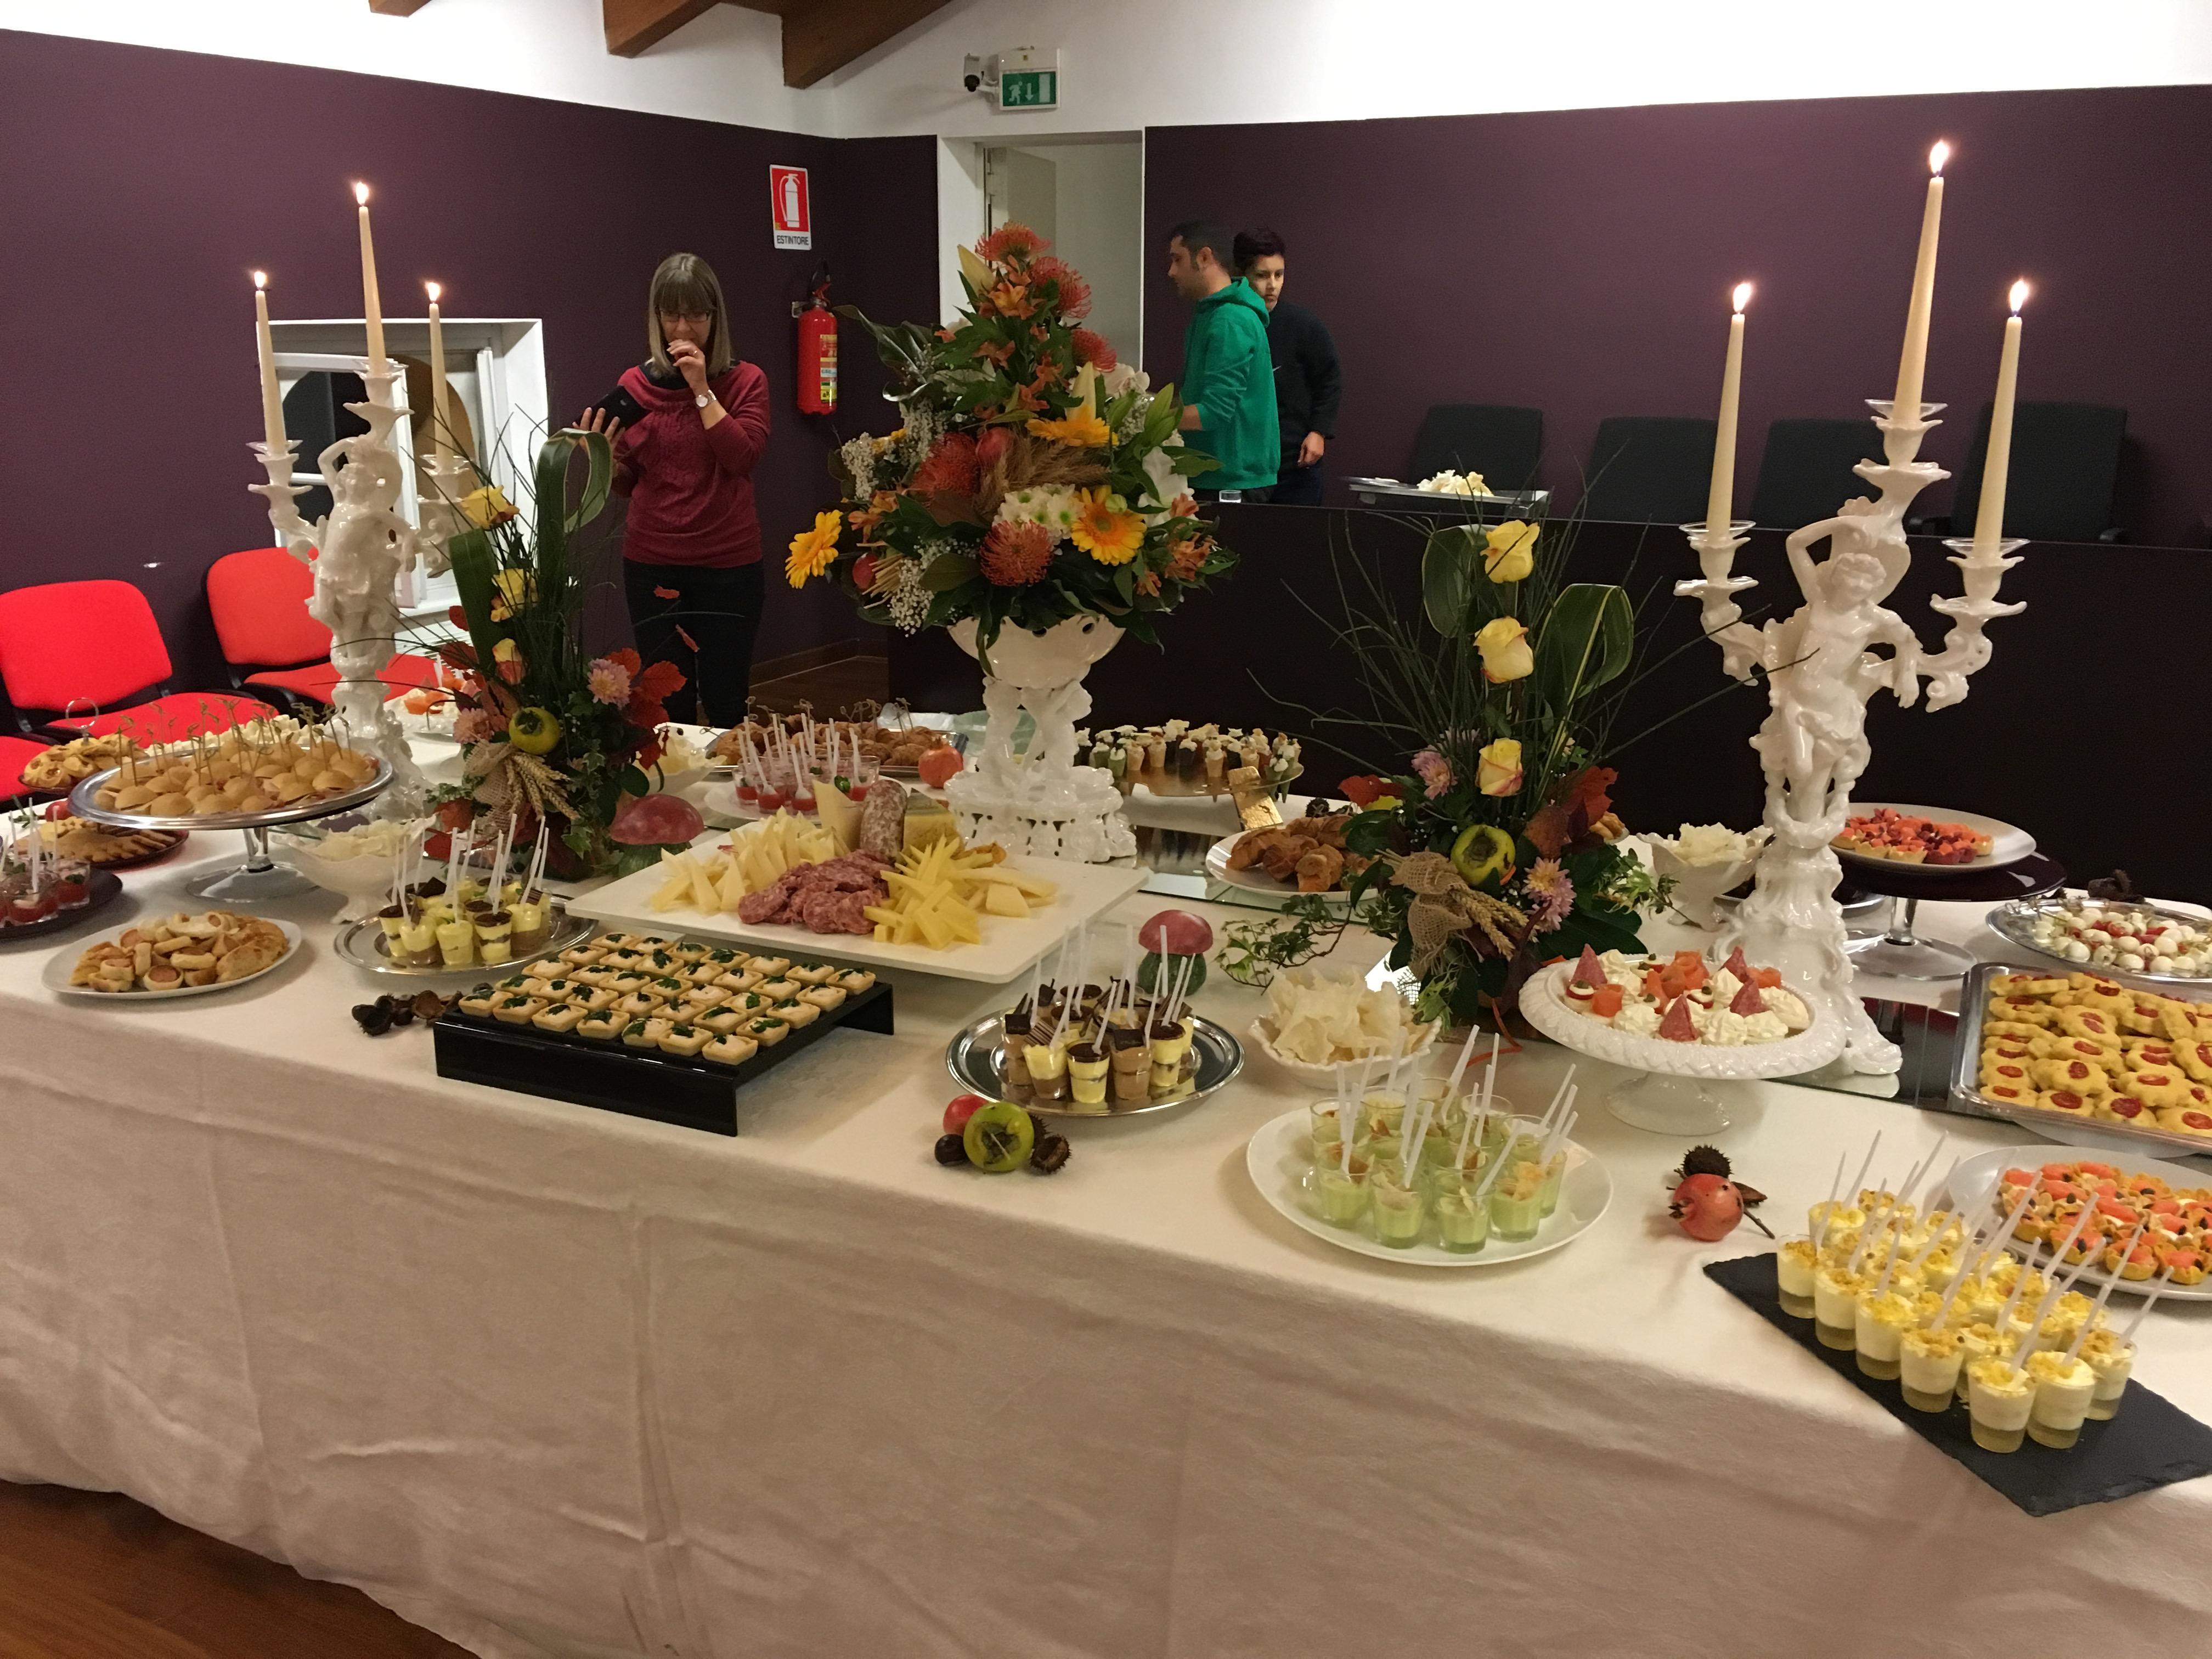 Rinfreschi a gorizia per cerimonie feste di compleanno ed eventi